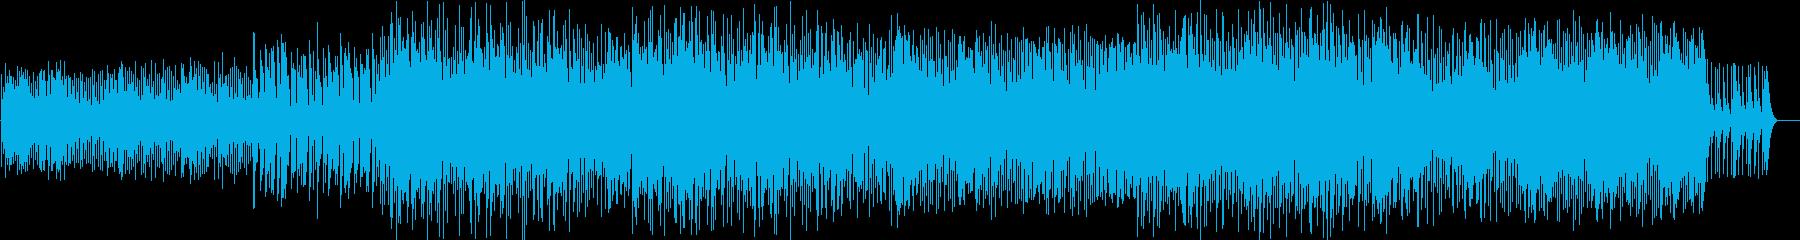 軽快でスピード感のあるカリンバの再生済みの波形